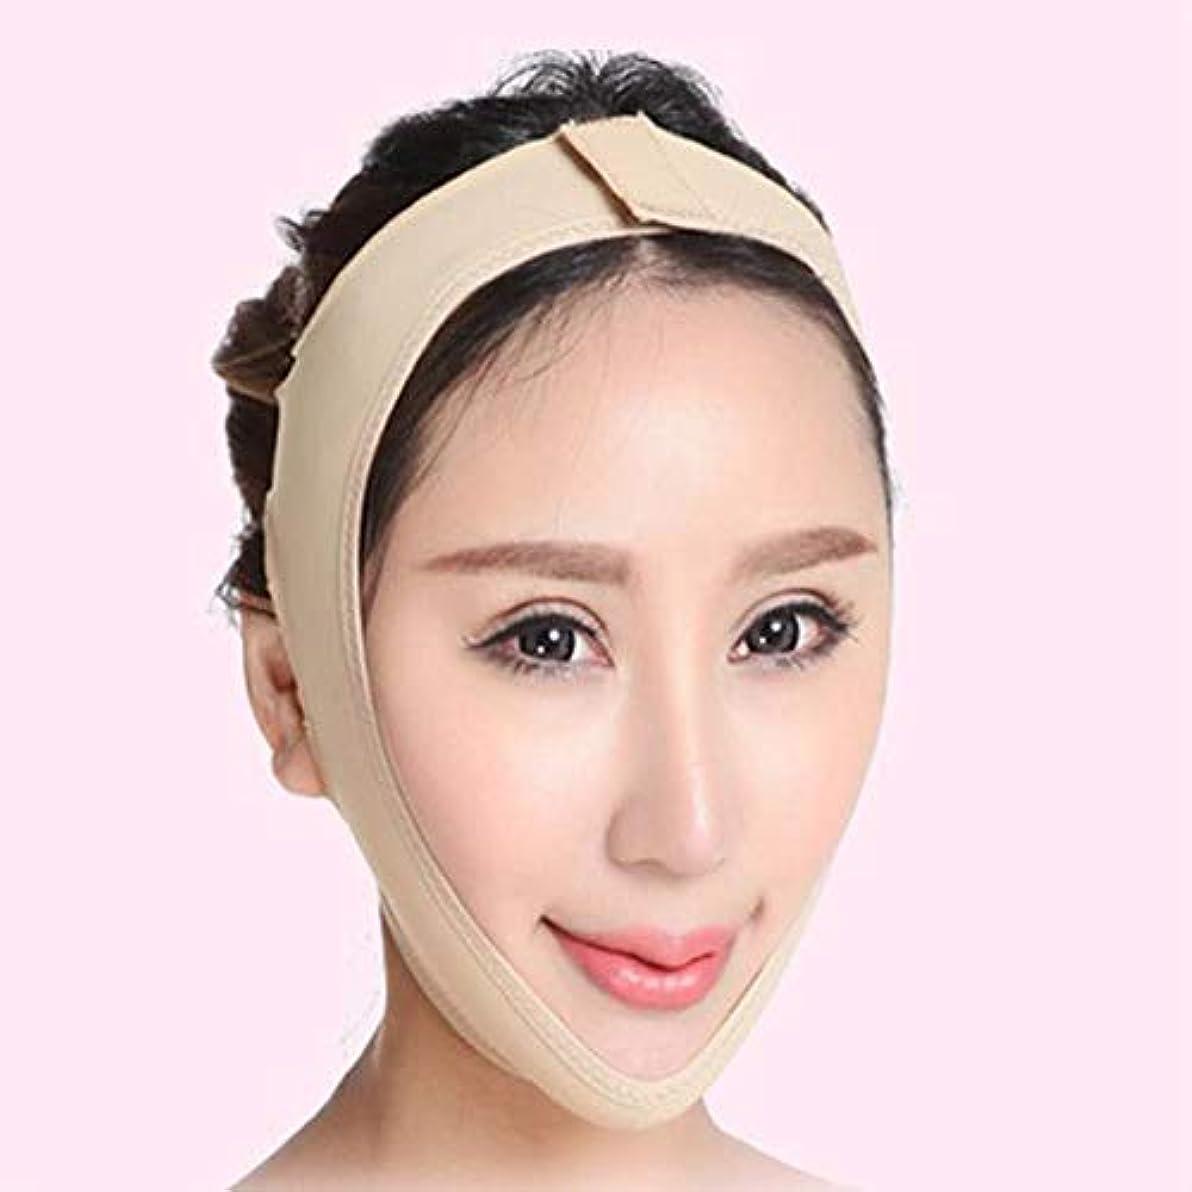 耐久パースブルジョンMR 小顔マスク リフトアップ マスク フェイスラインシャープ メンズ レディース Mサイズ MR-AZD15003-M